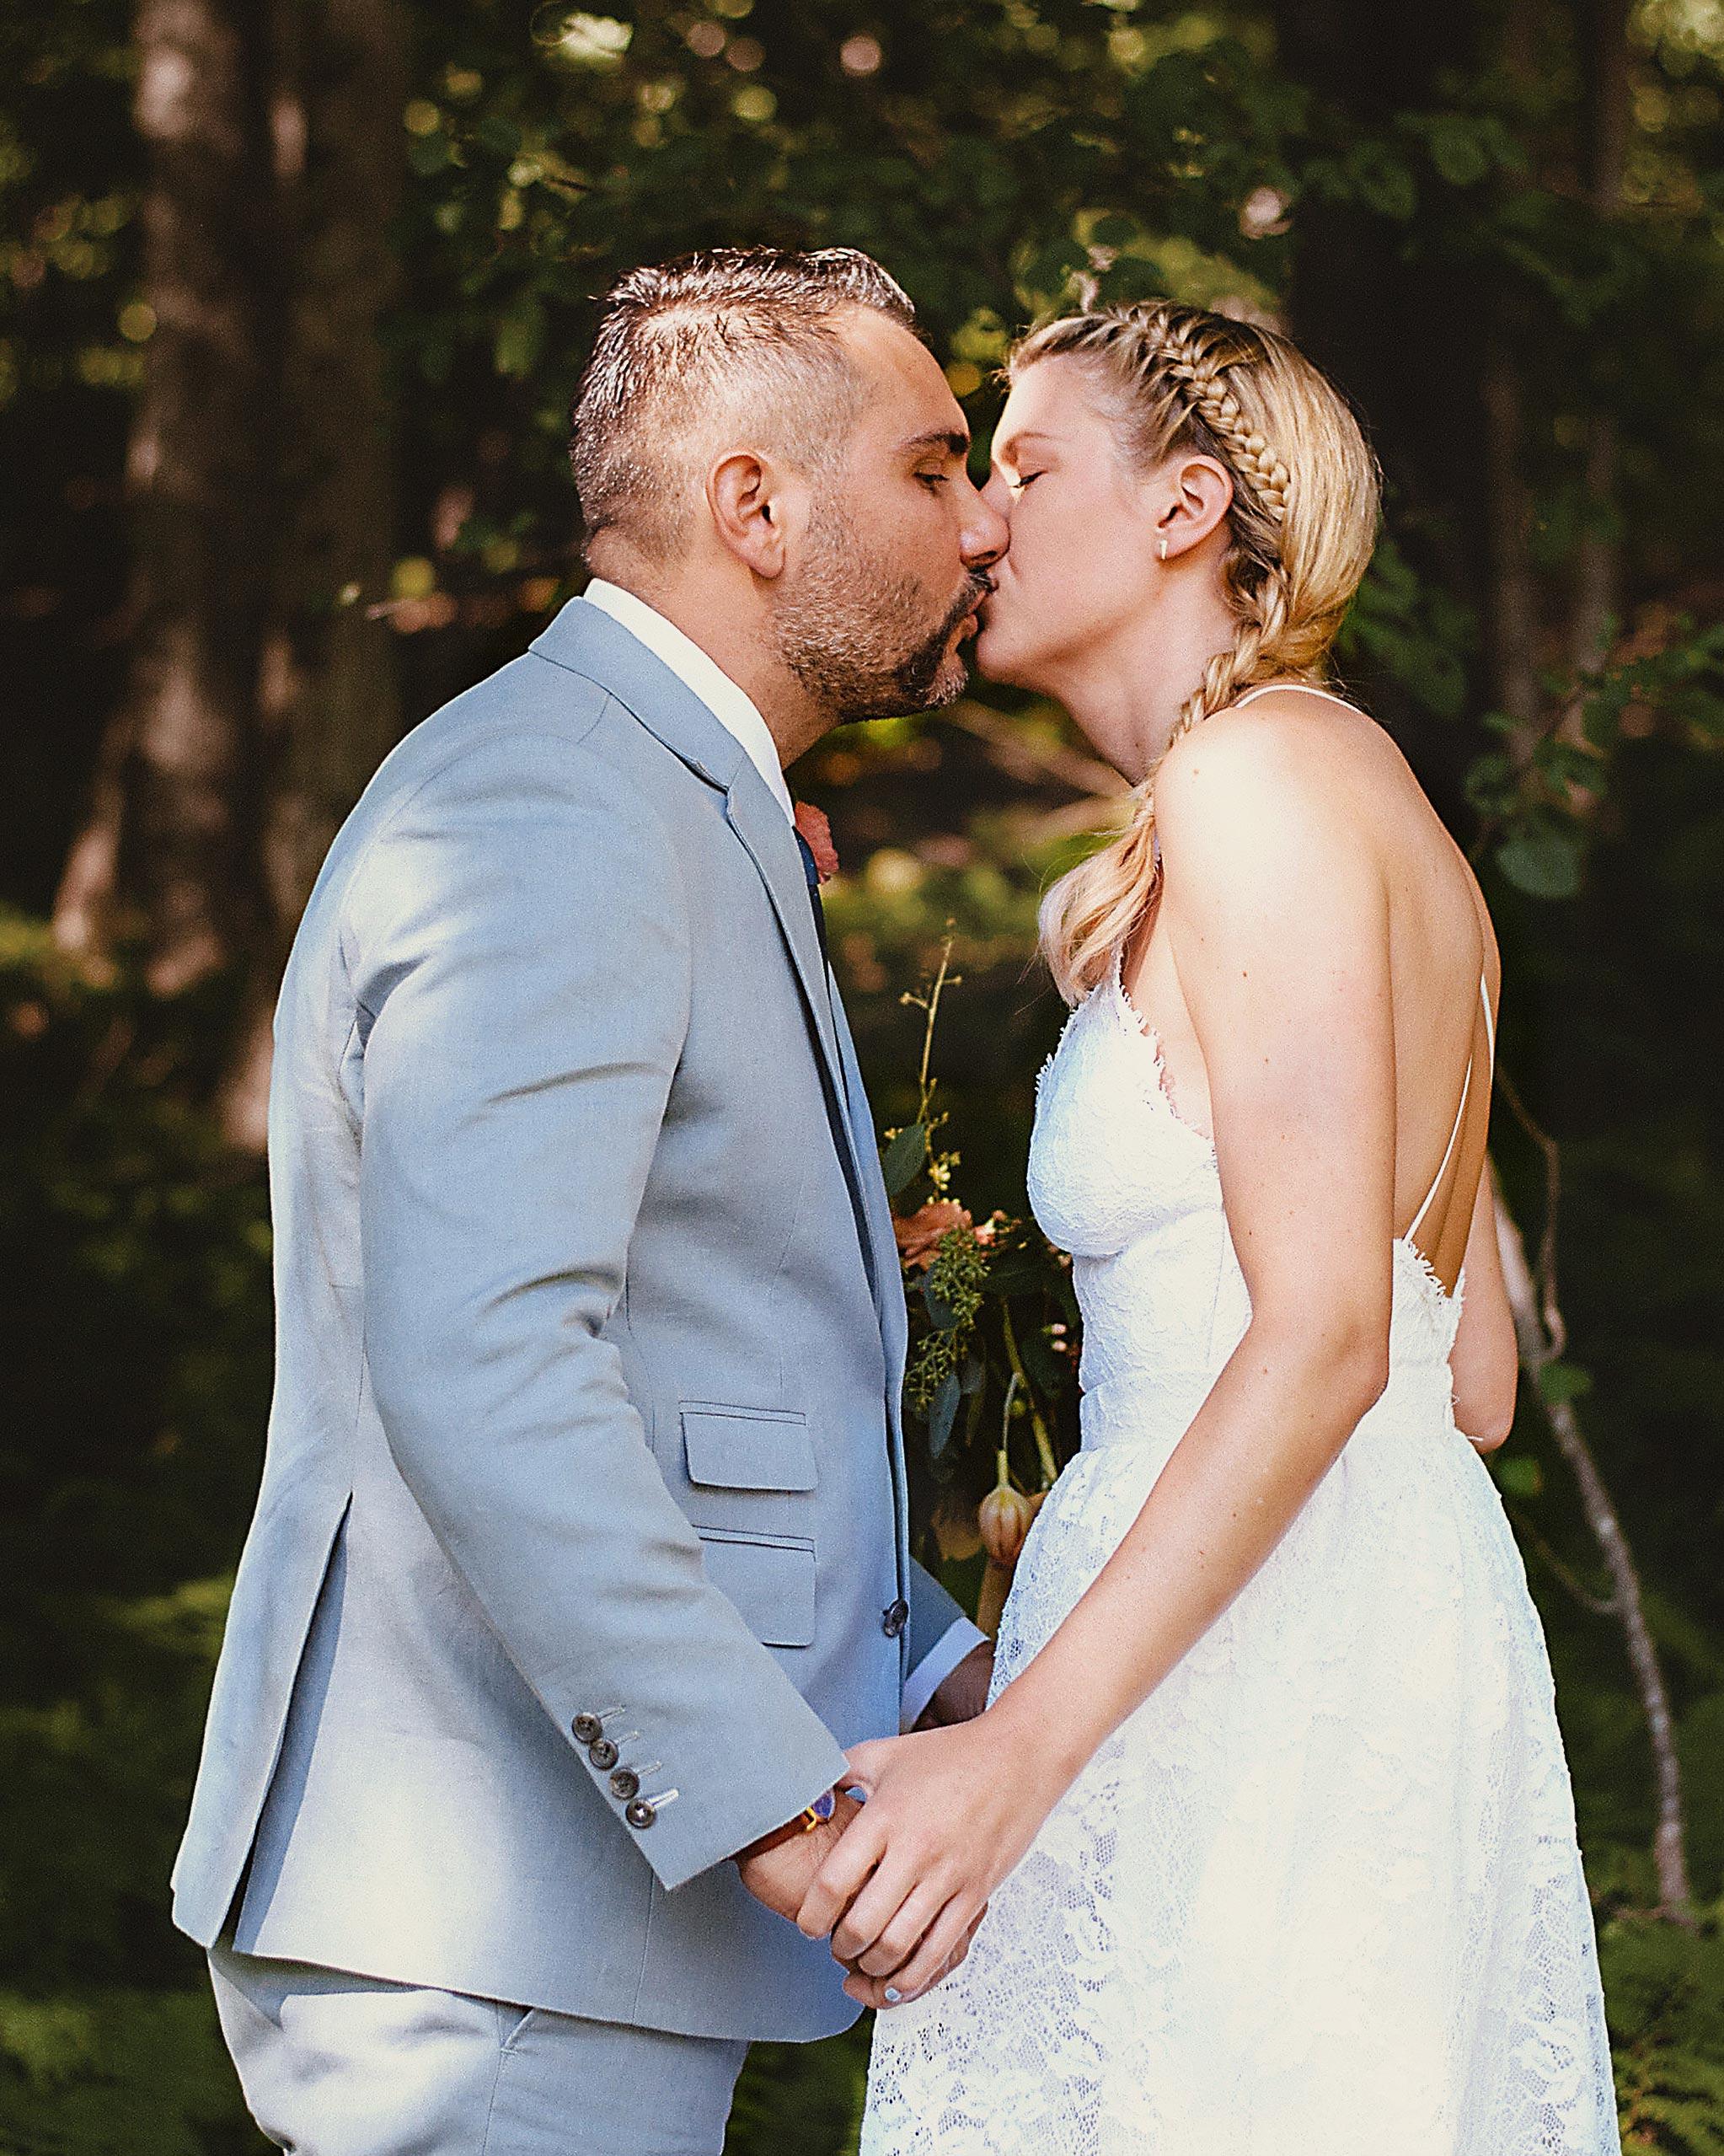 cat-vince-wedding-firstlook-012-s112646-0216.jpg